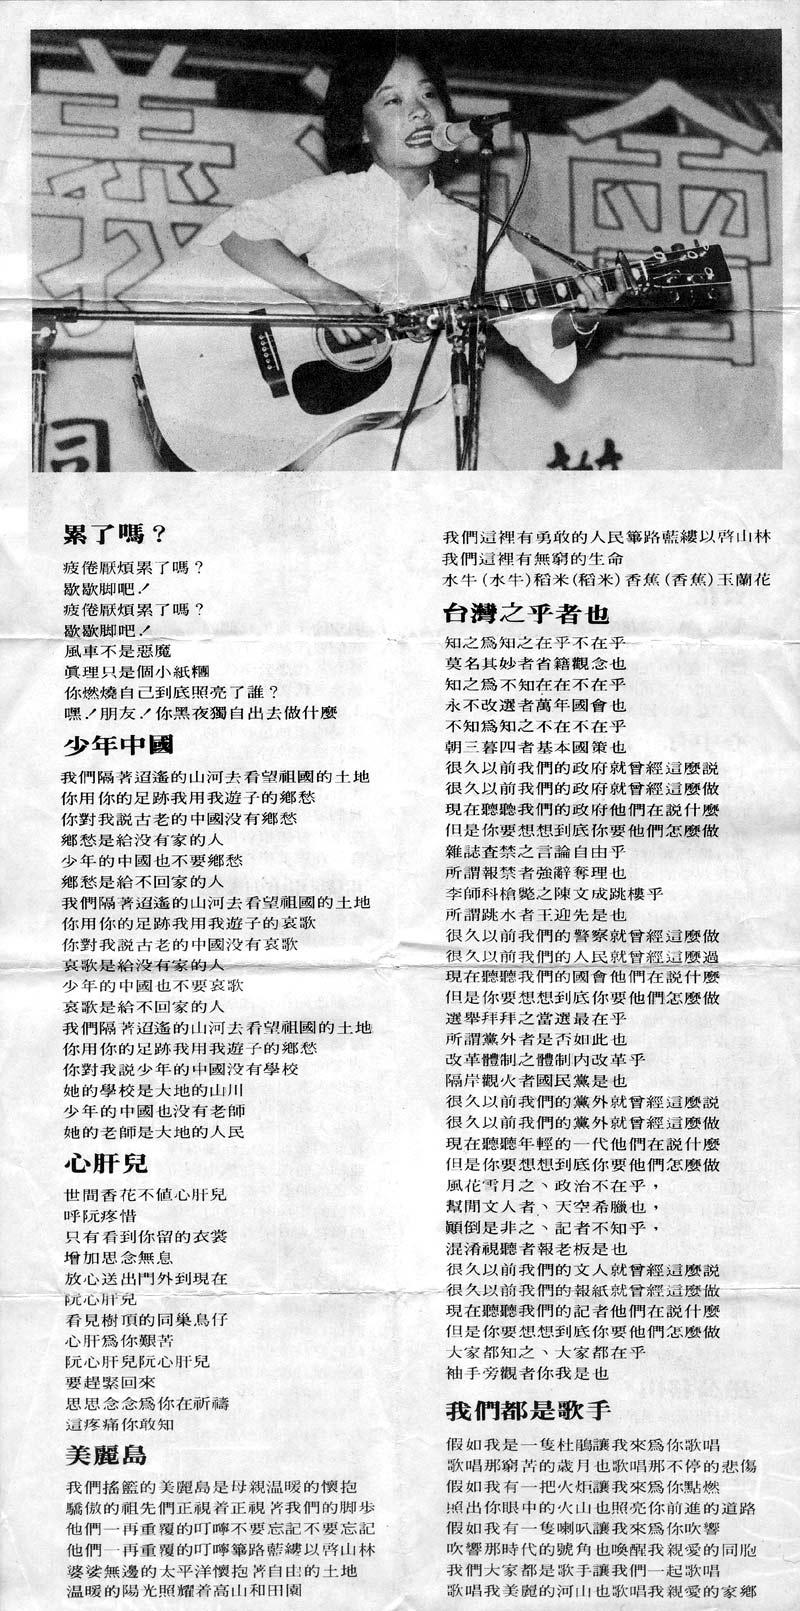 路邊一棵榕樹下│楊祖珺歌唱作品年表